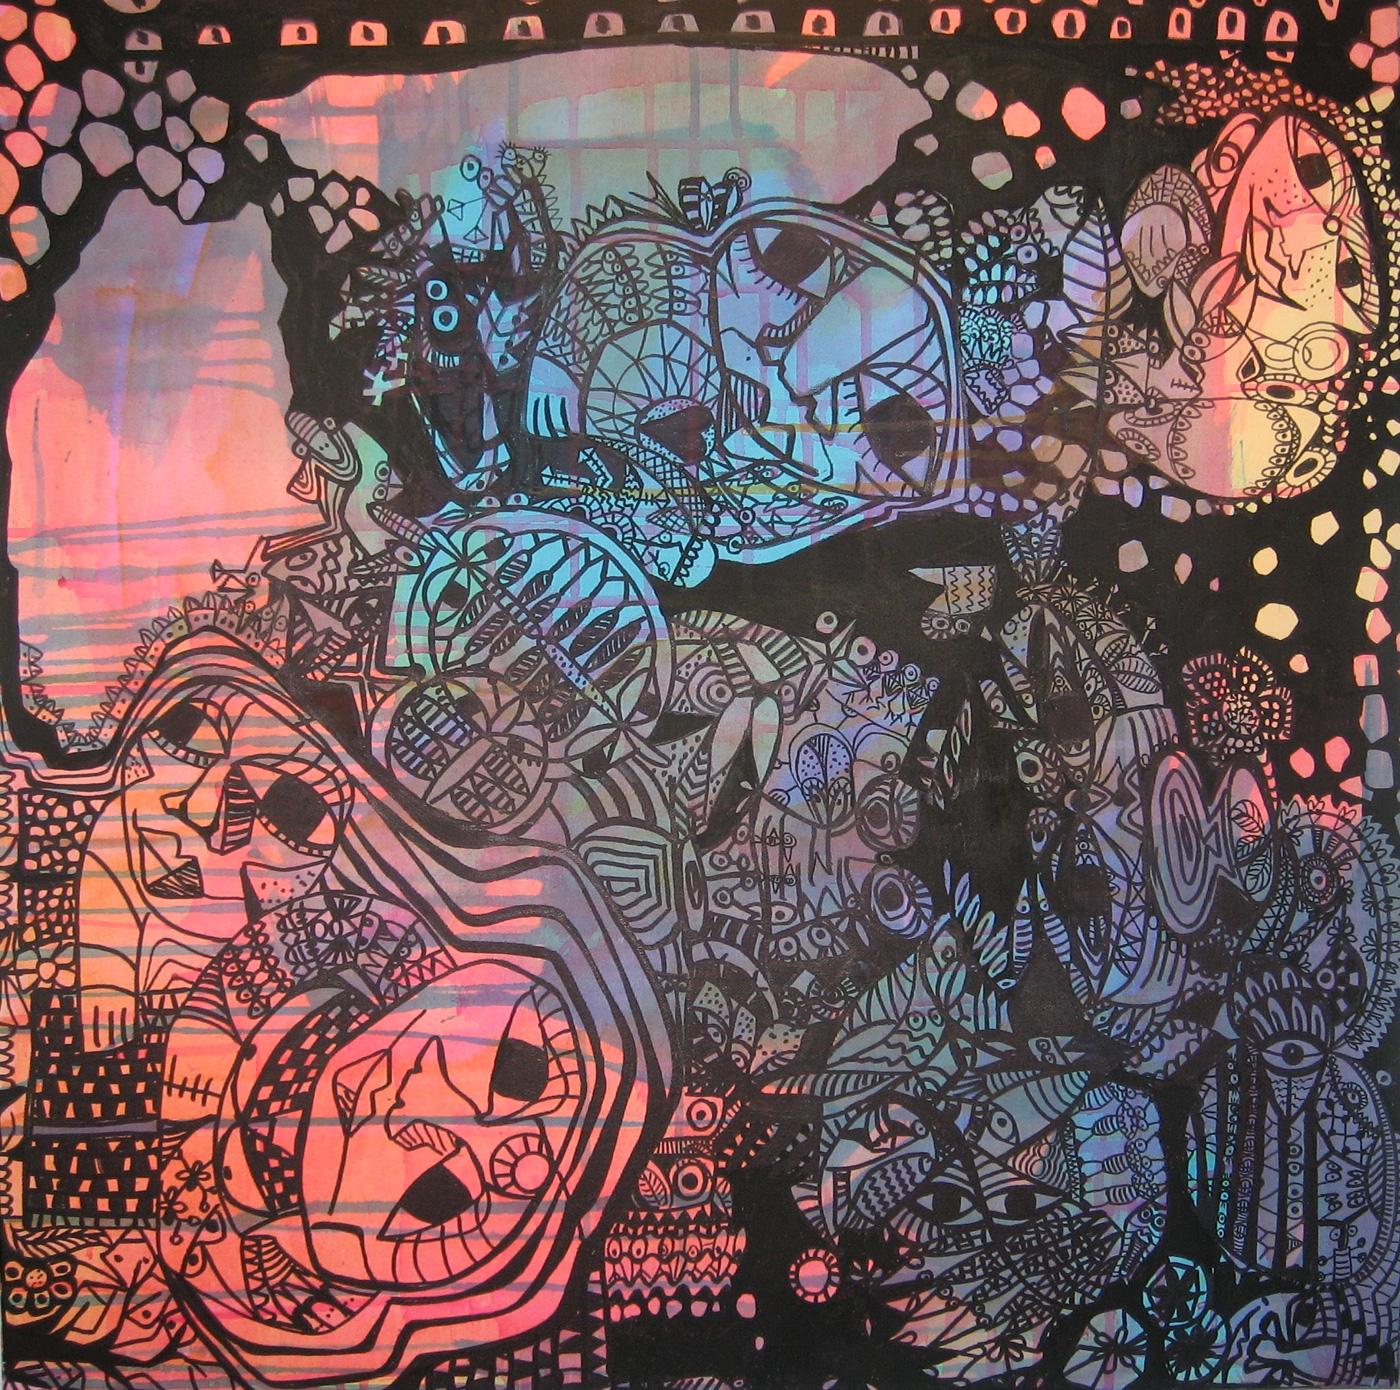 Tush på Akryl 2, 70x70cm, Titel Godnathistorier, Beskrivelse Der, hvor alt kan ske, mellem drøm og virkelighed. Pris 3000